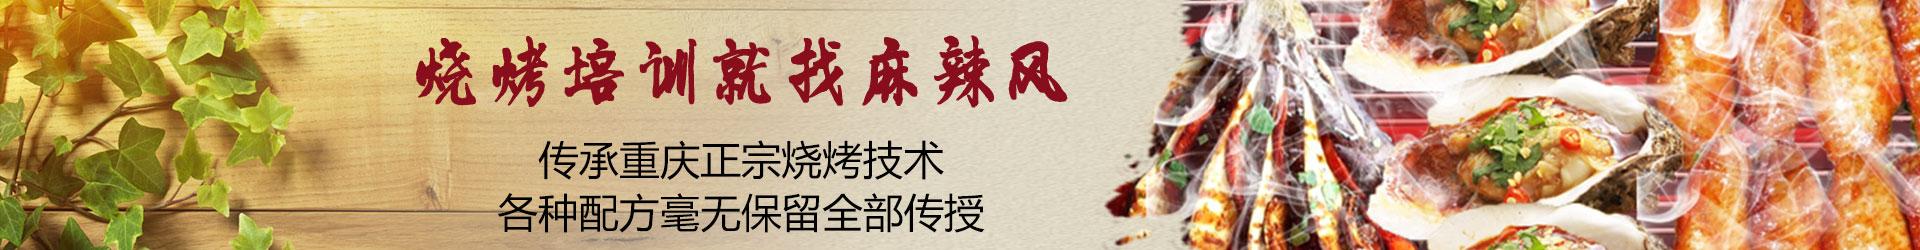 重庆学烧烤要多少钱